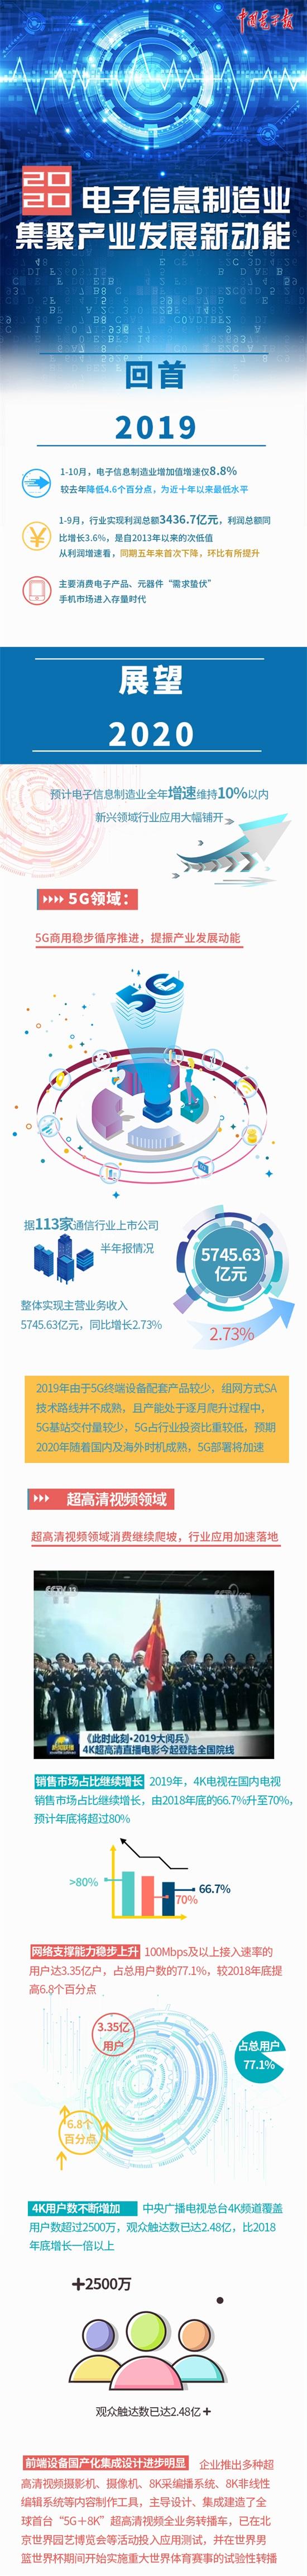 2020展望|5G、超高清、AI、VR,电子信息制造业要看这四大领域